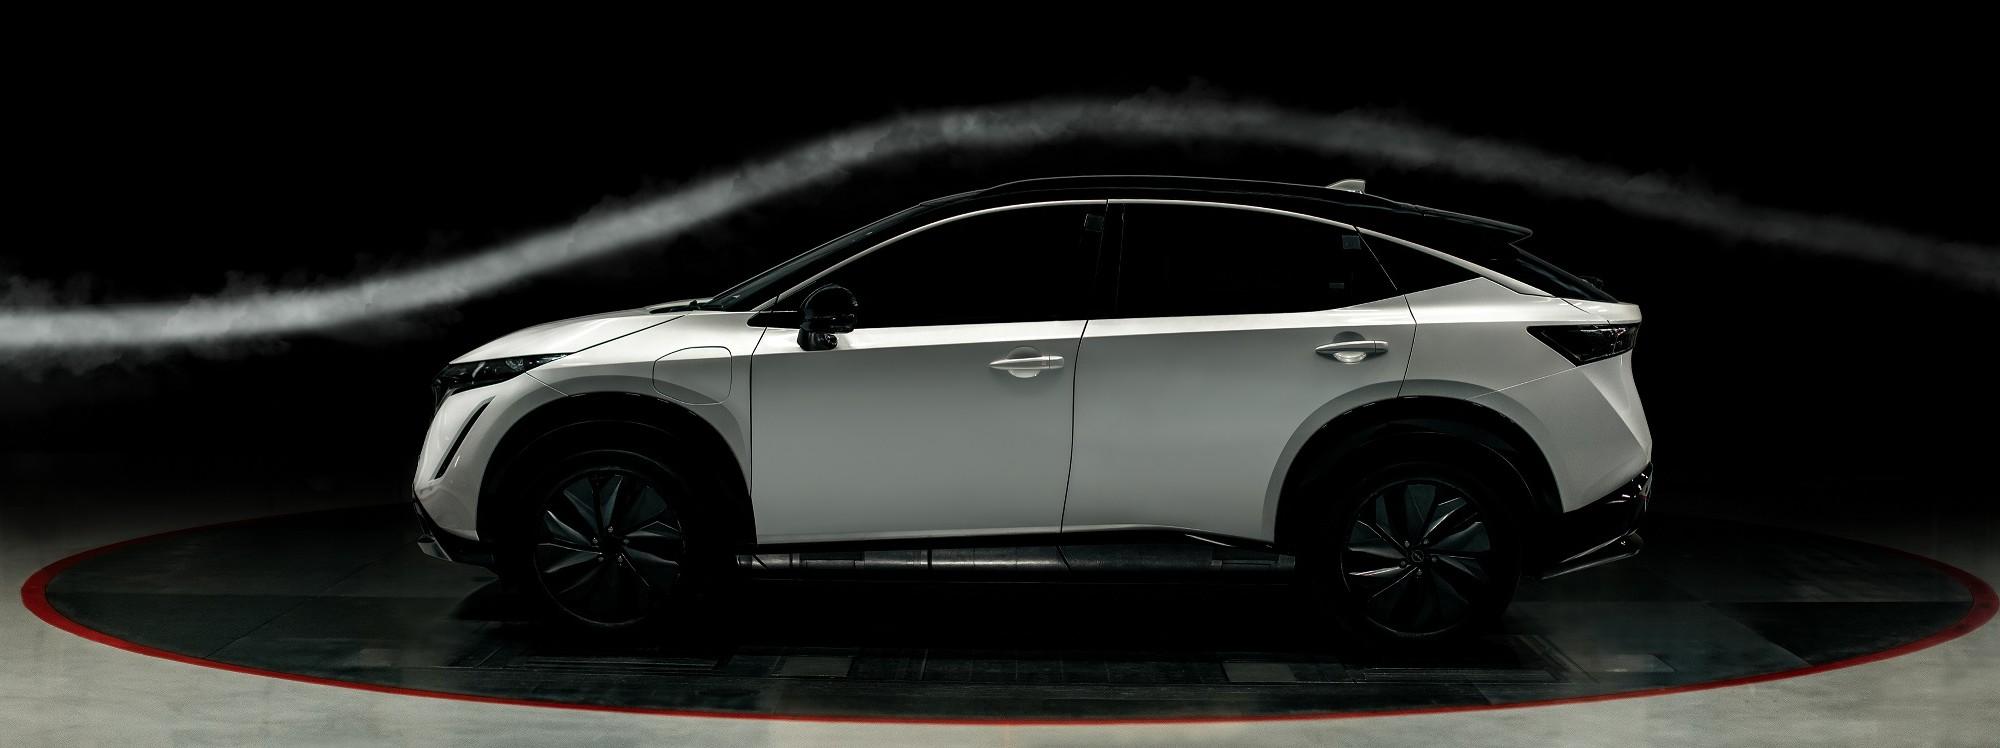 Nissan Ariya, el crossover más aerodinámico de la marca